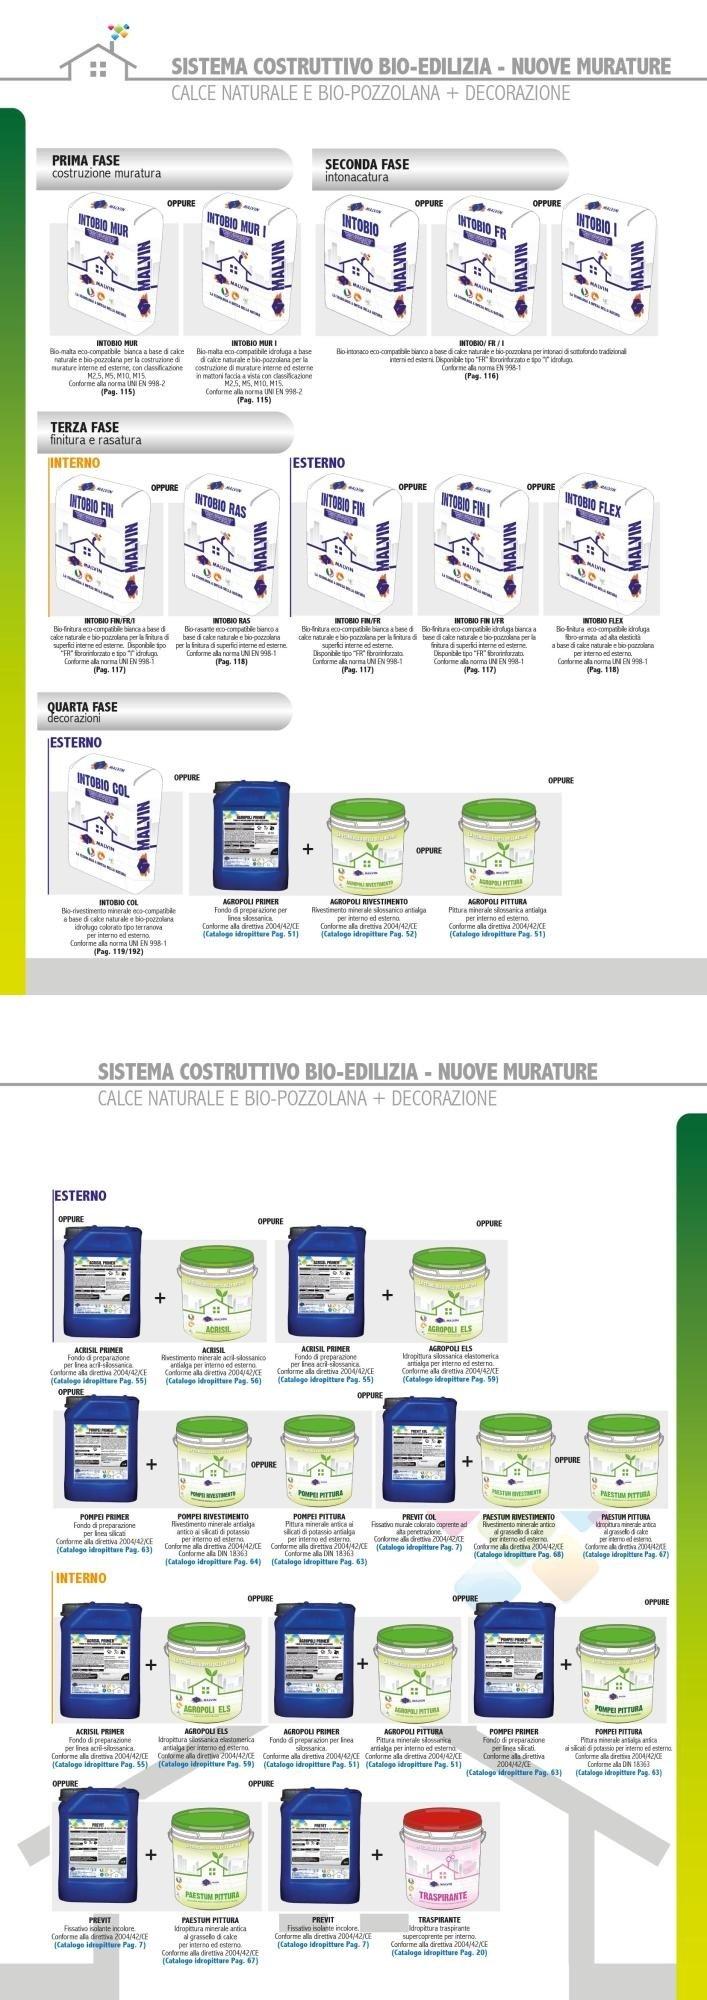 Sistema Costruttivo Bio-Edilizia - Nuove Murature (Calce e Bio-pozzolana)